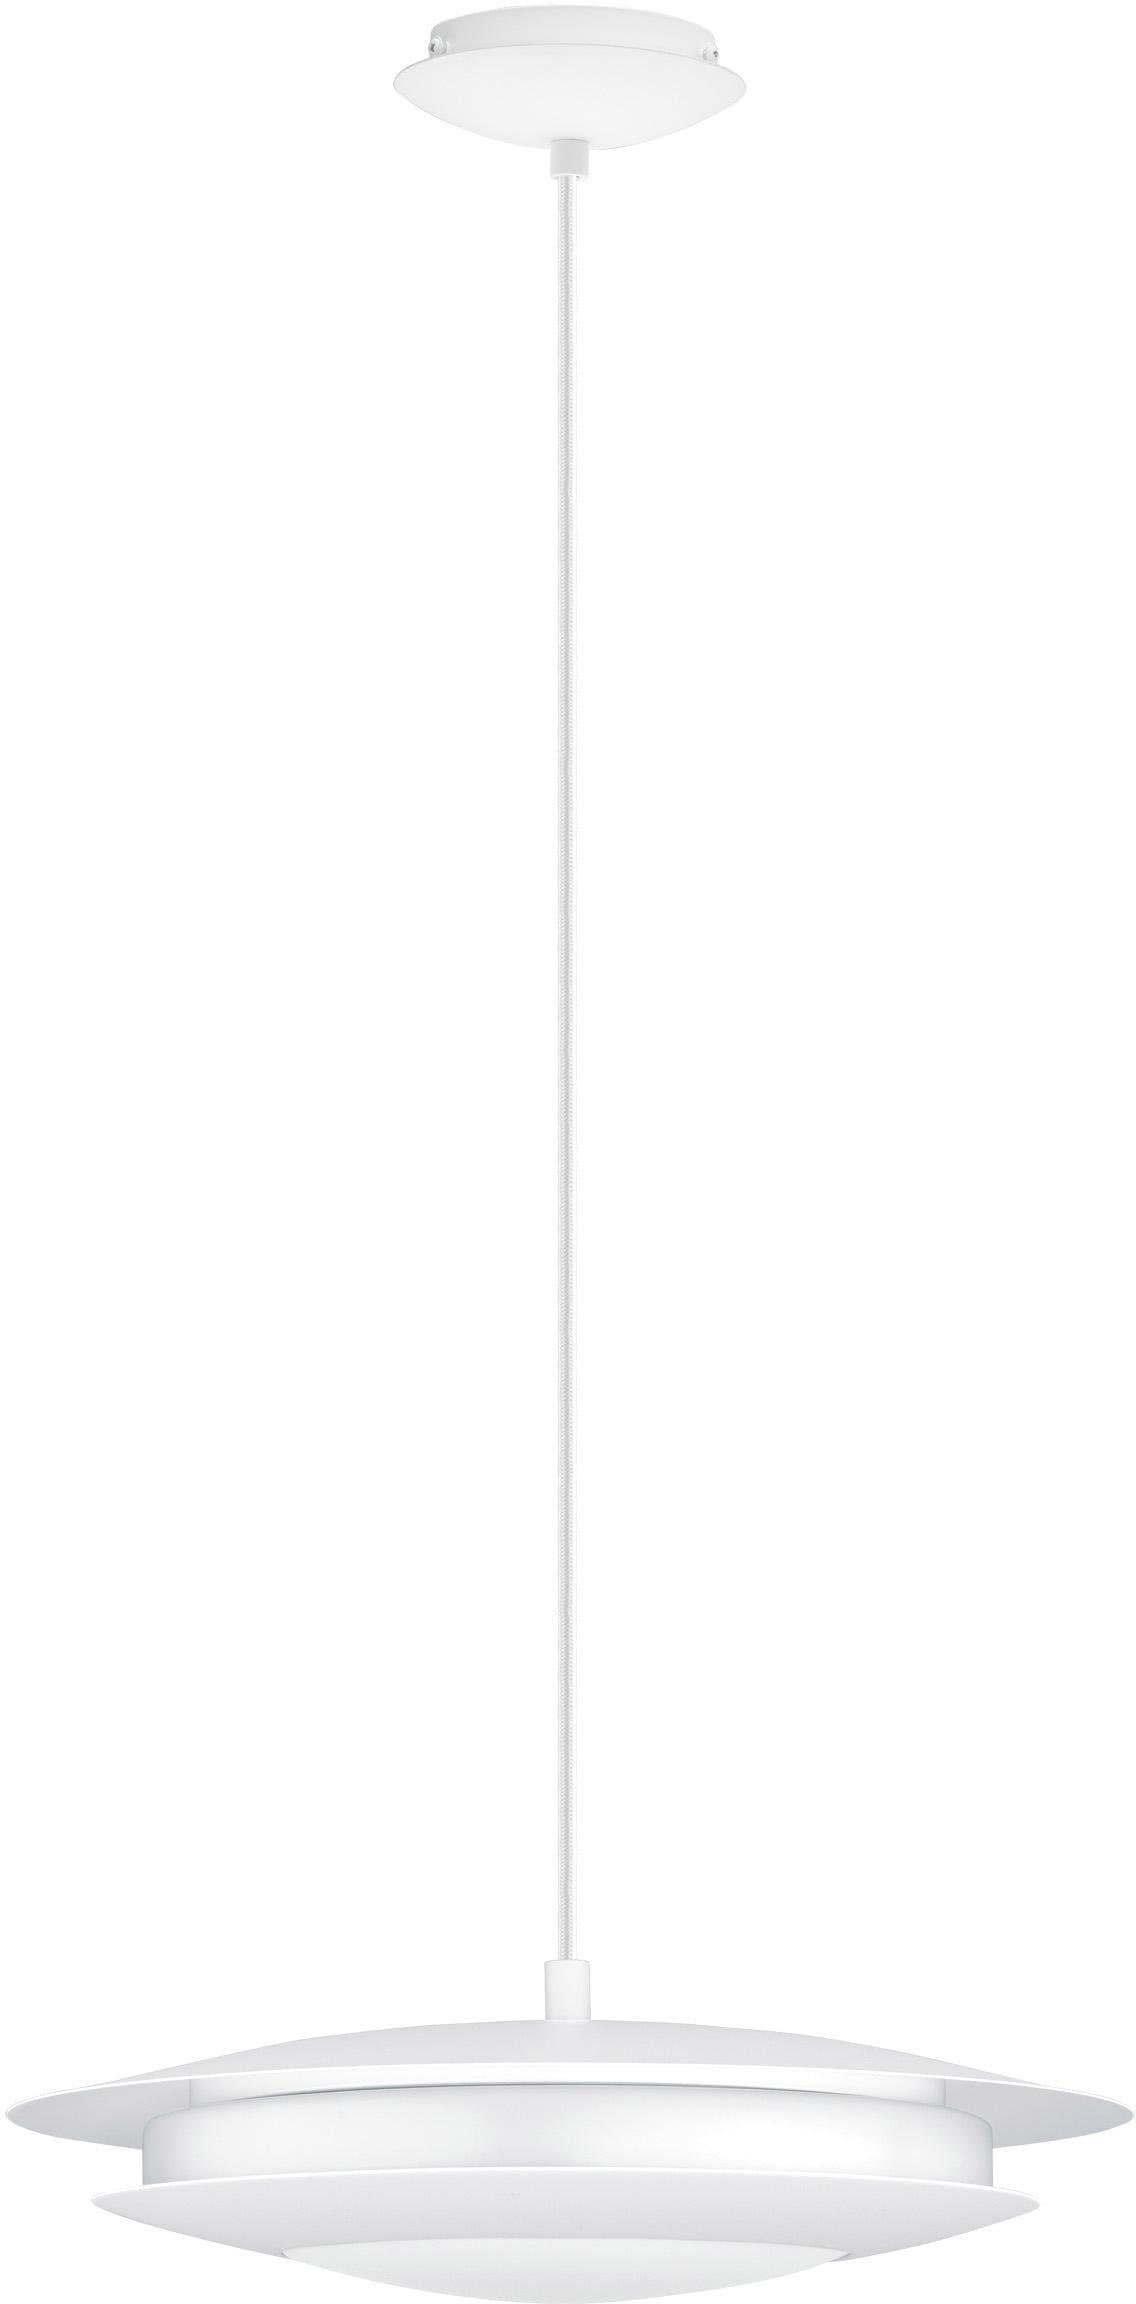 EGLO Pendelleuchte MONEVA-C, LED-Board, Warmweiß-Tageslichtweiß-Neutralweiß-Kaltweiß, Hängeleuchte, EGLO CONNECT, Steuerung über APP + Fernbedienung, BLE, CCT, RGB, dimmbar, Farbwechsel